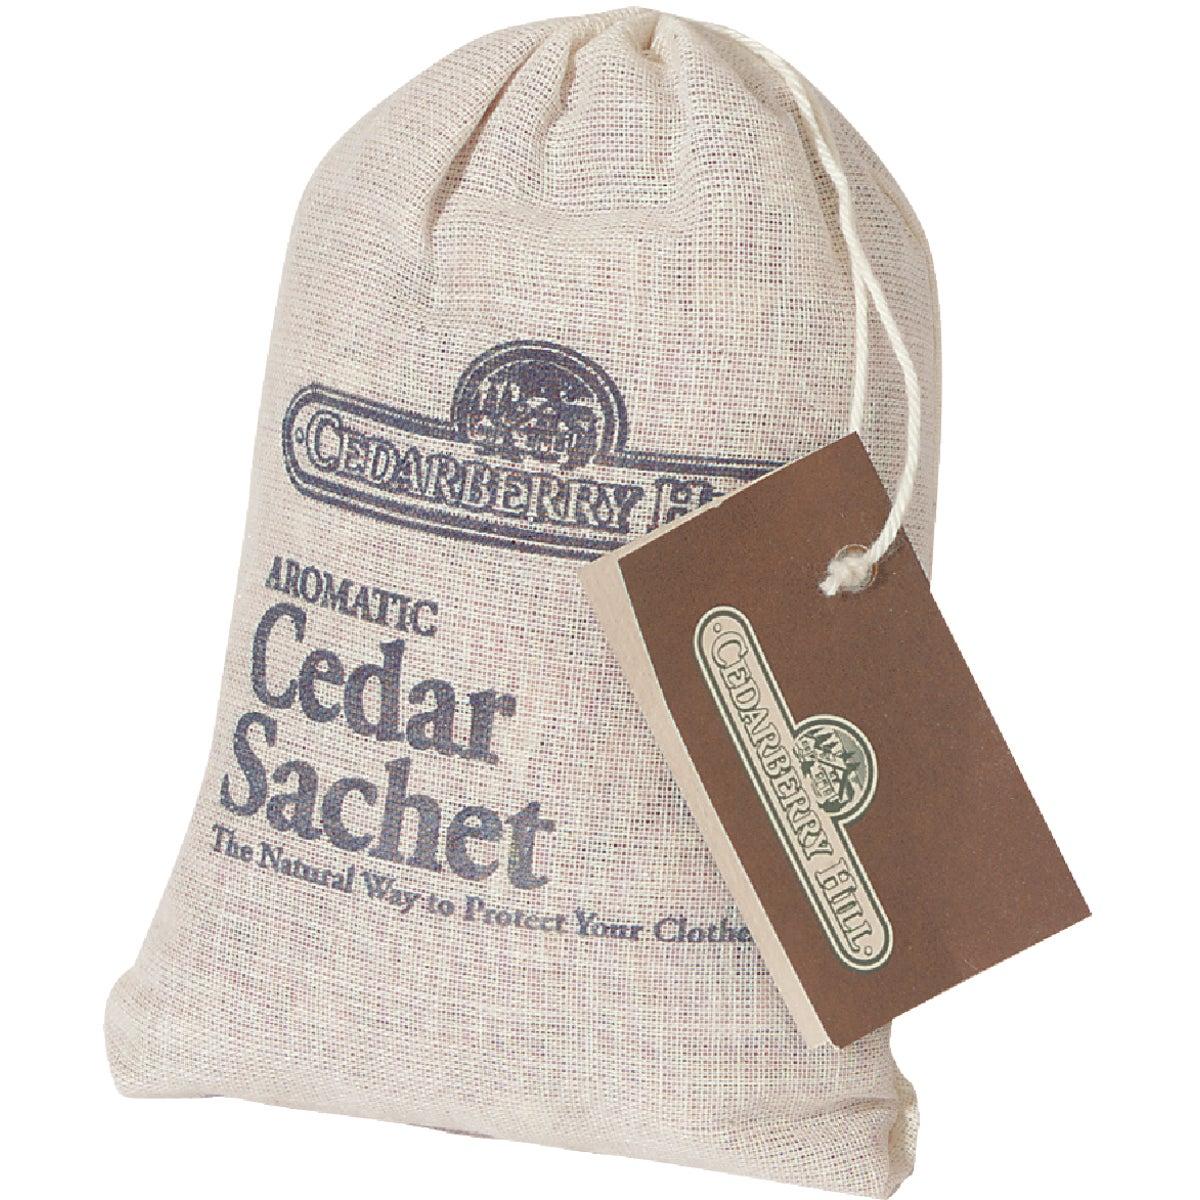 CEDAR SACHET - 308 by Giles & Kendall Inc